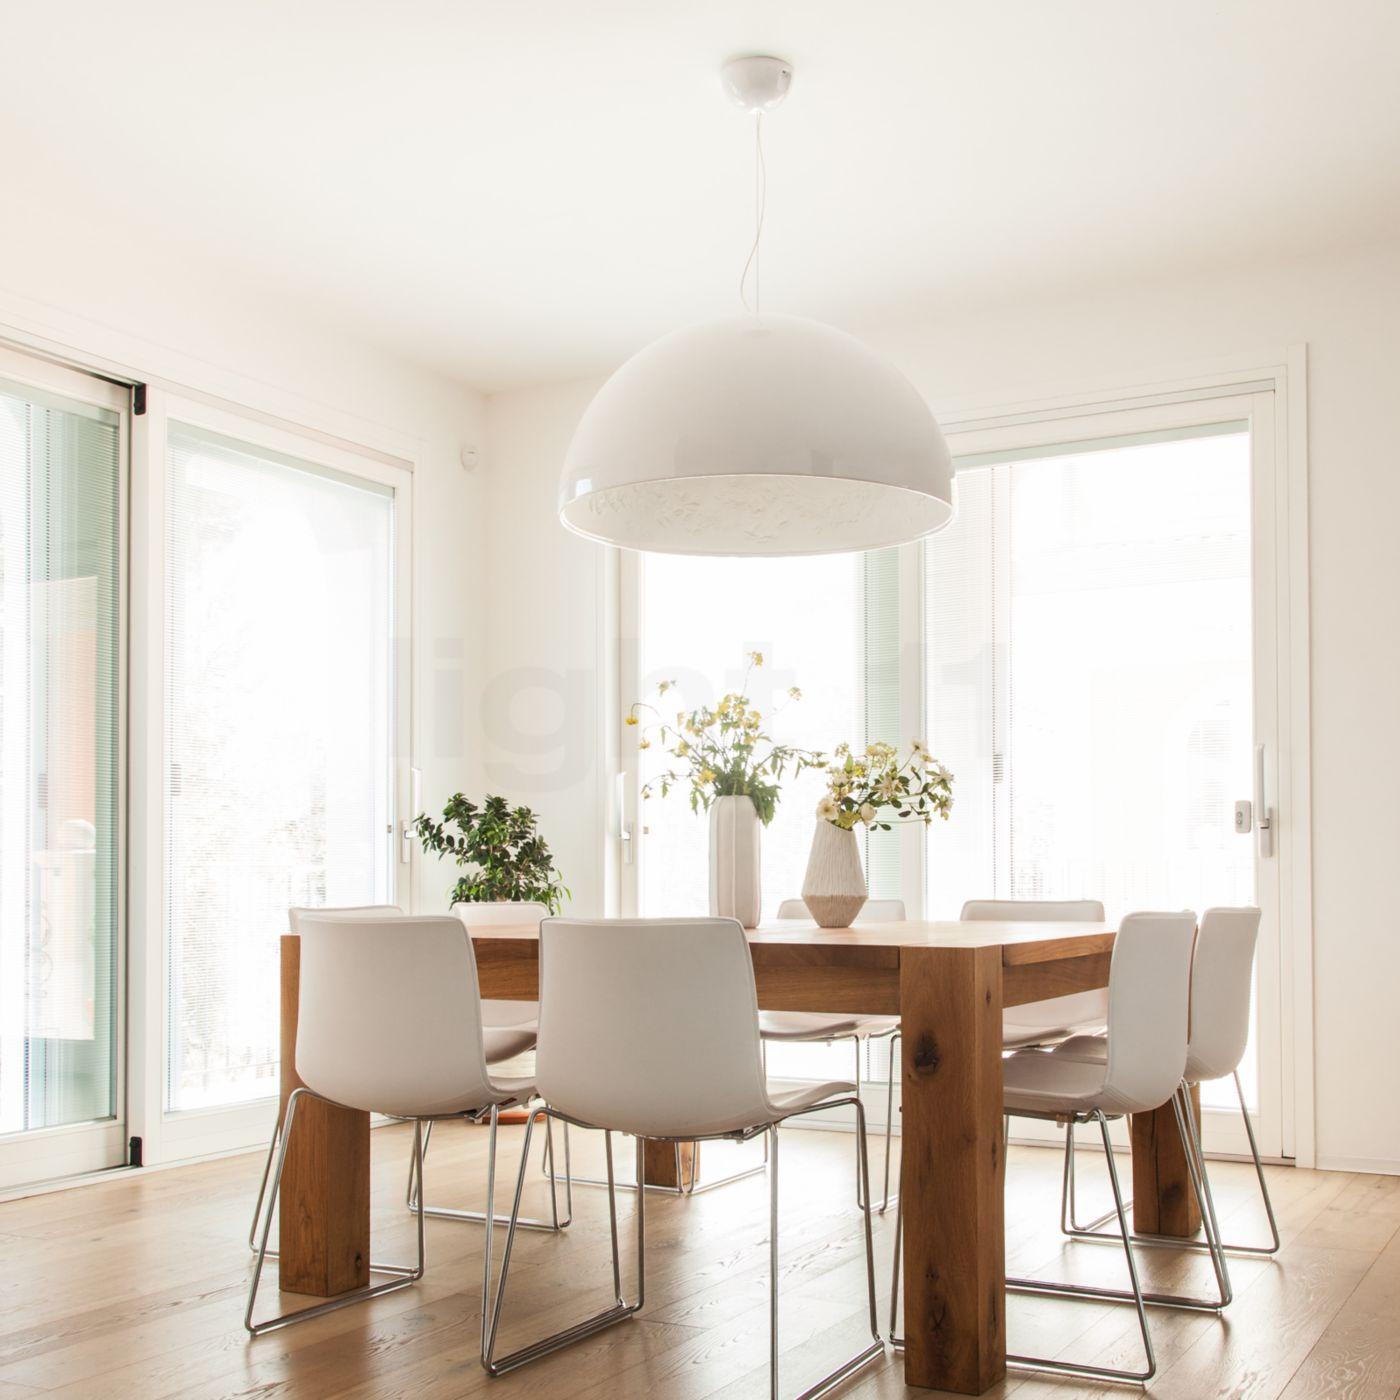 Flos skygarden s1 home design 2017 for Design leuchten replica